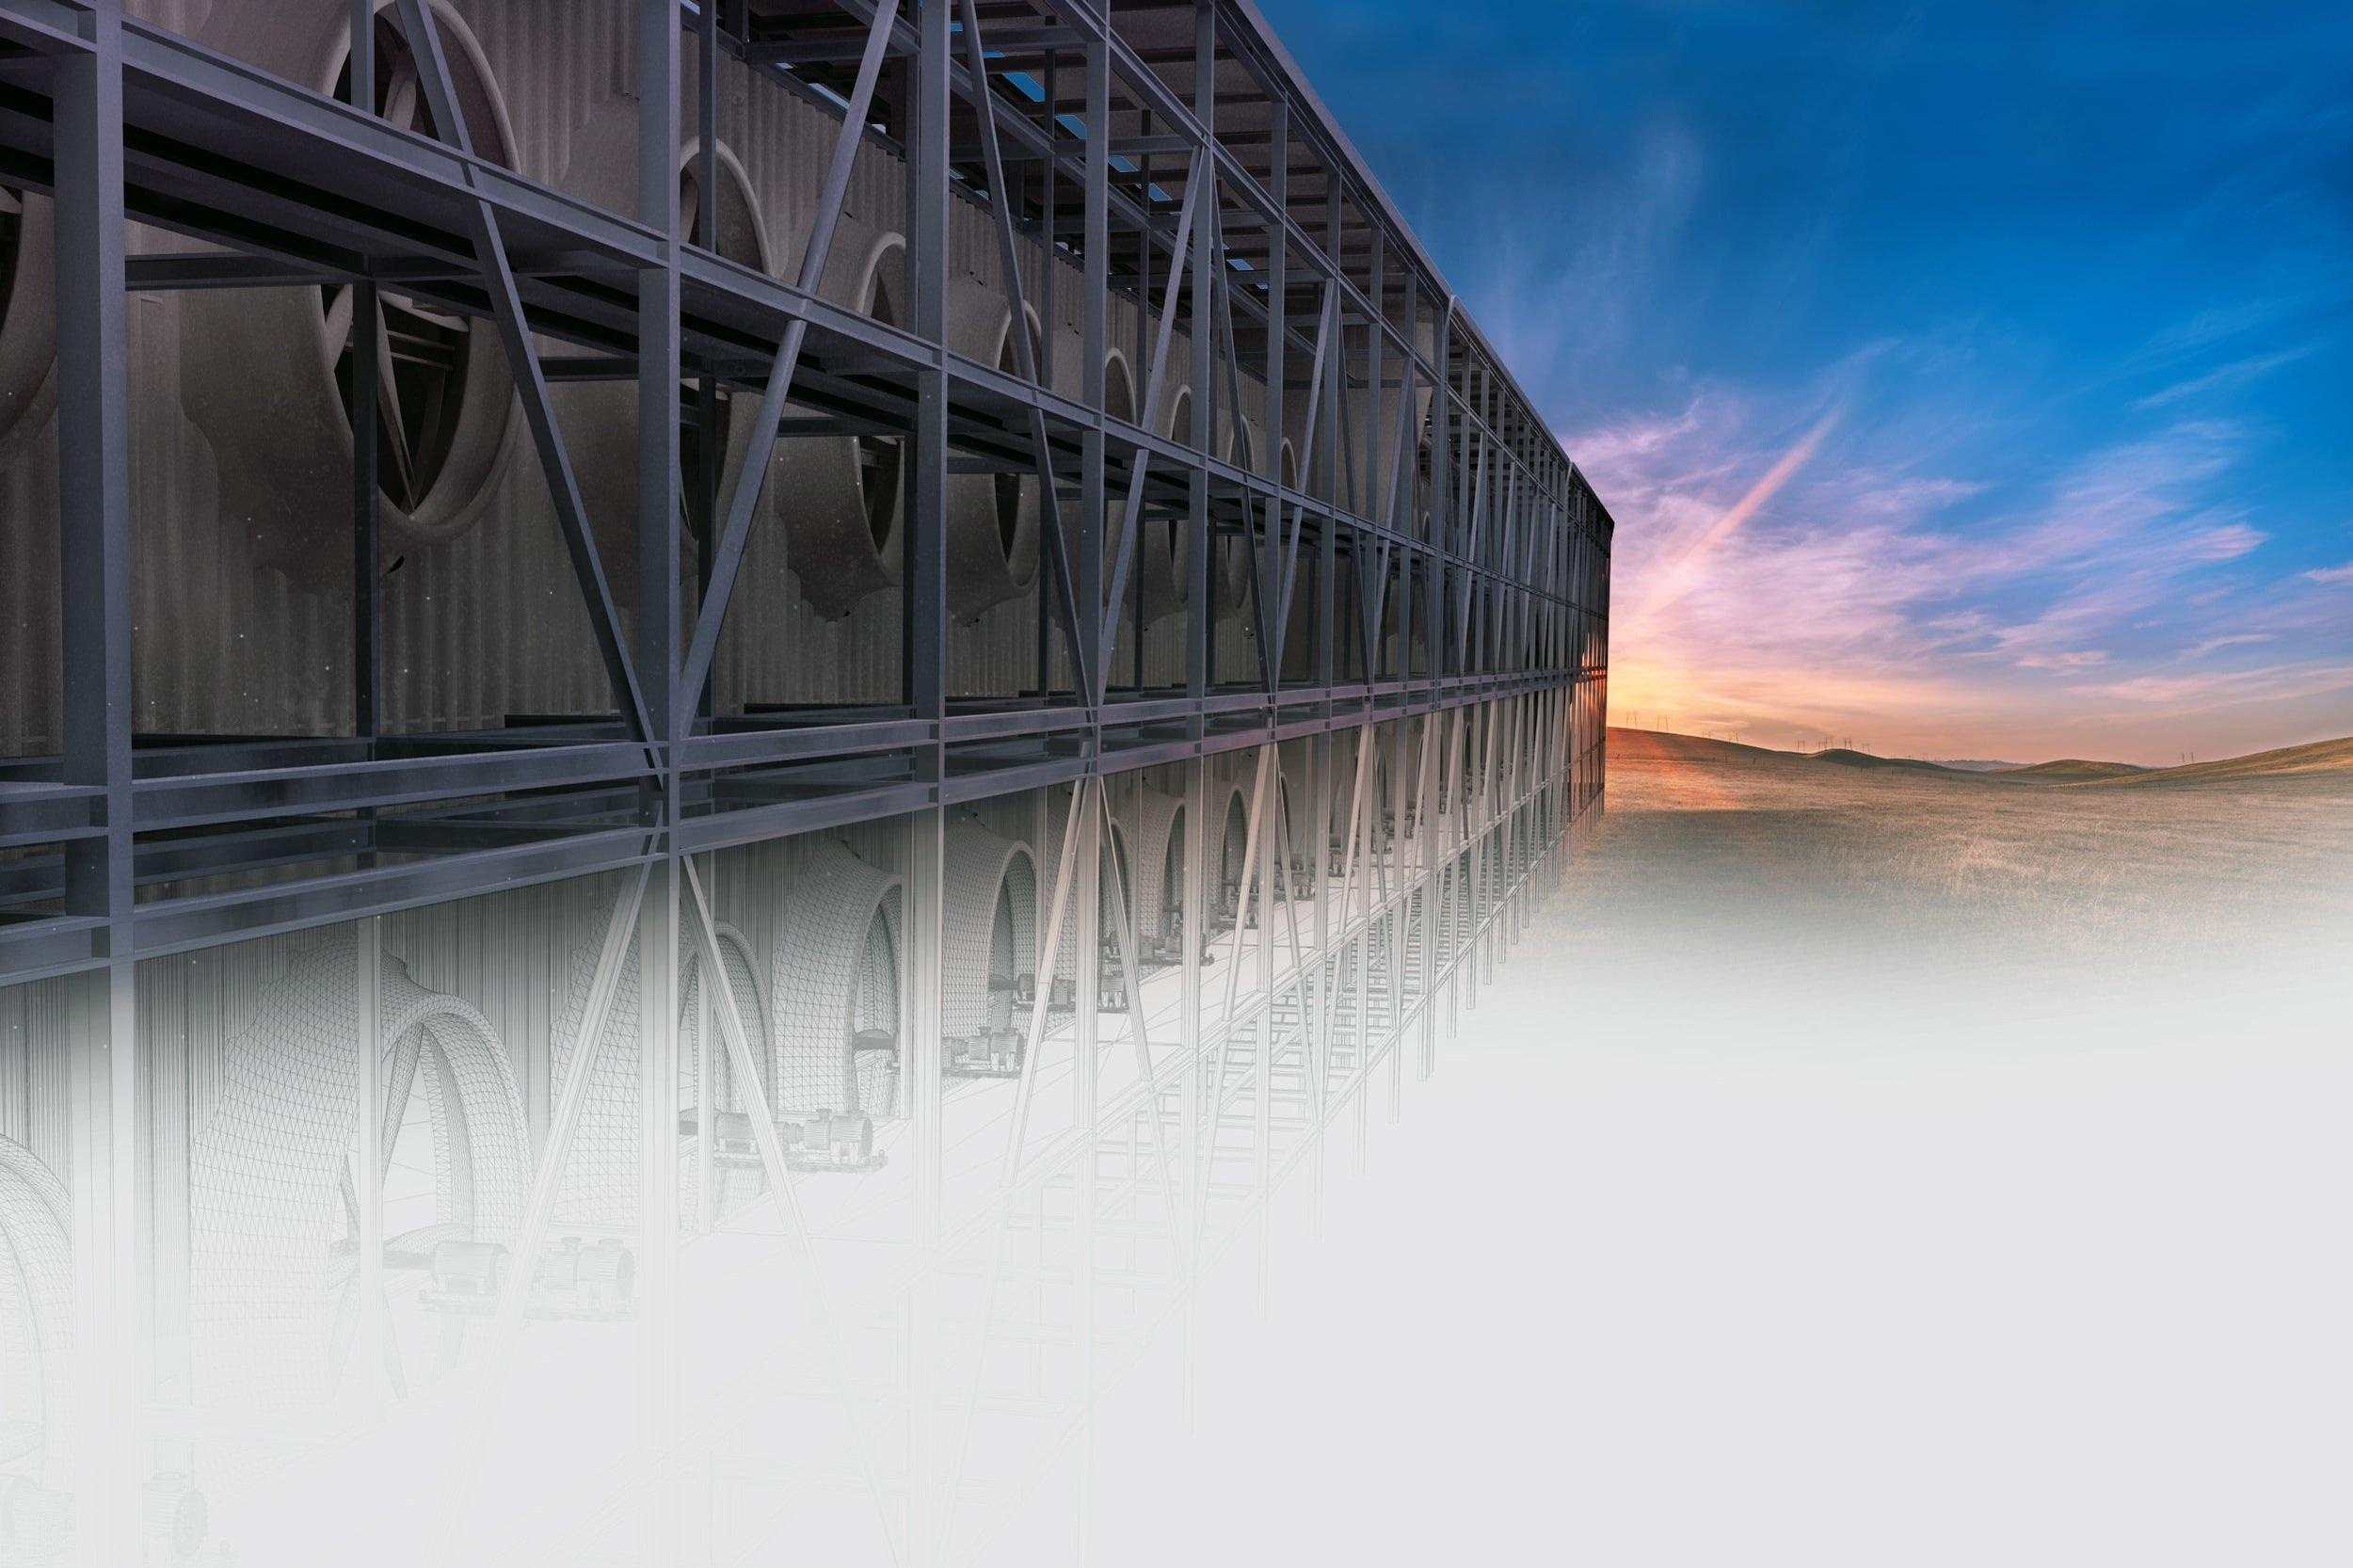 Carbon ENgineering - https://carbonengineering.com